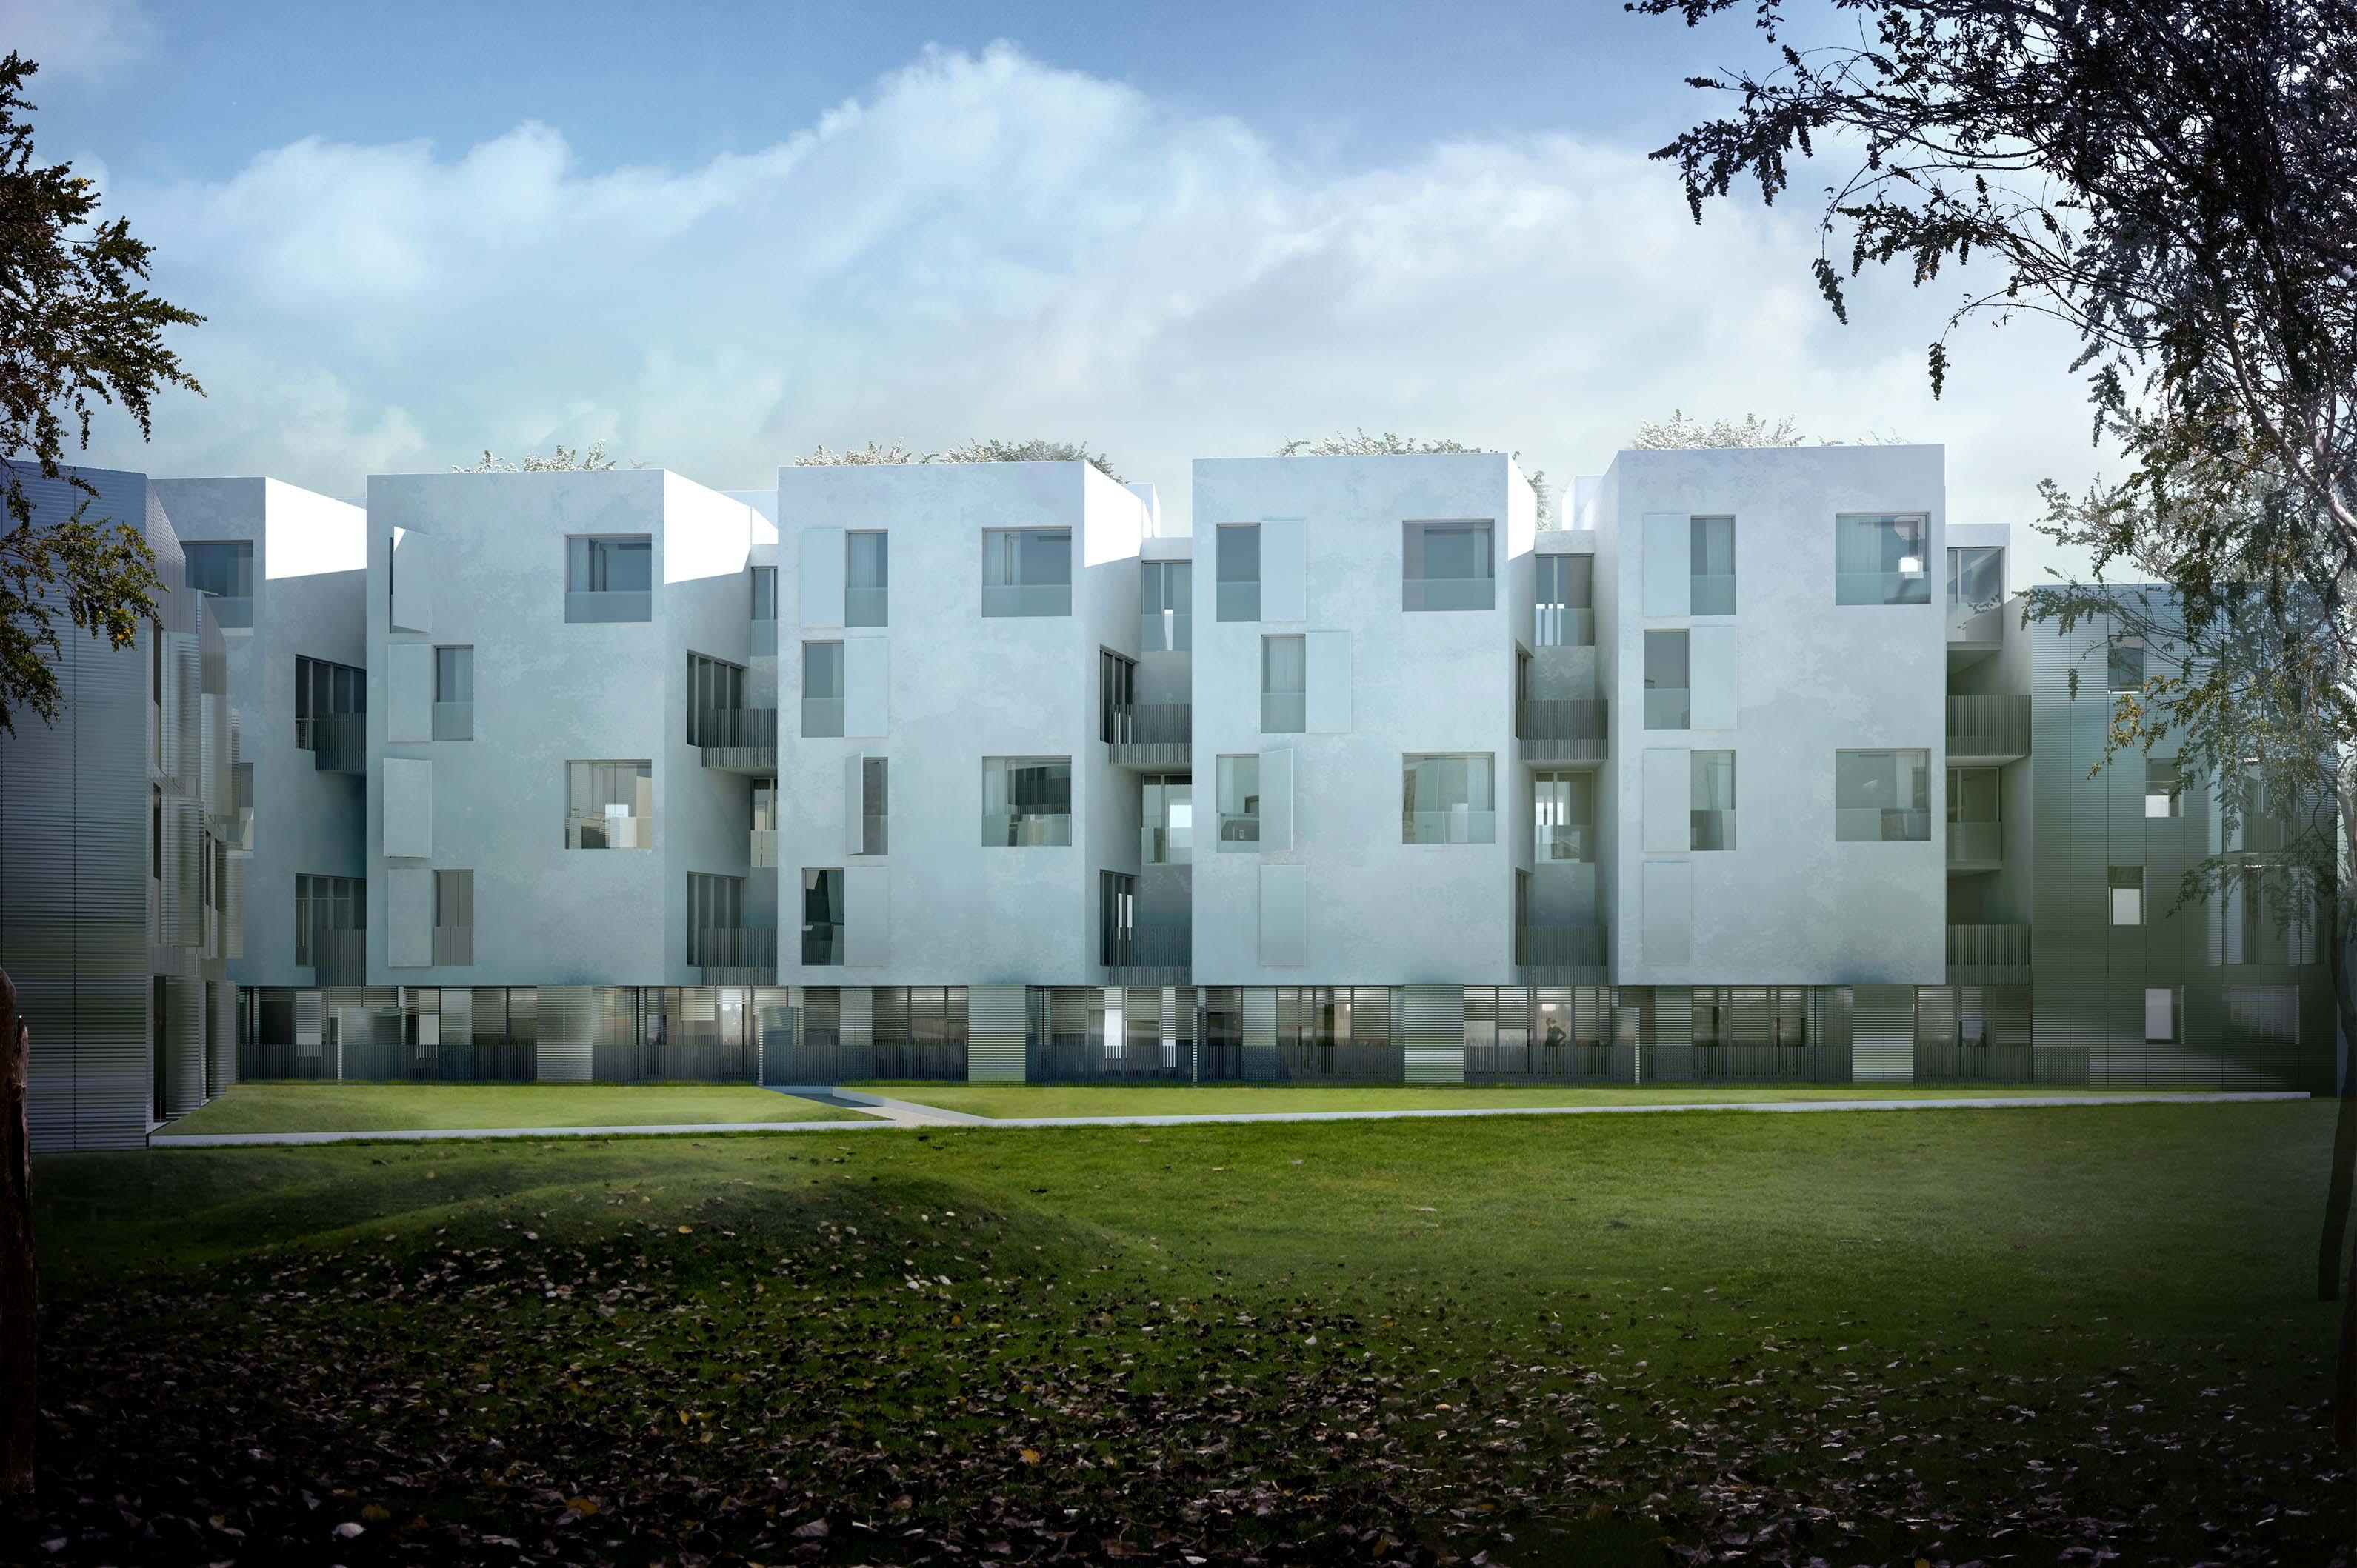 Cab ren immeuble de logements for Arch immobilier rennes